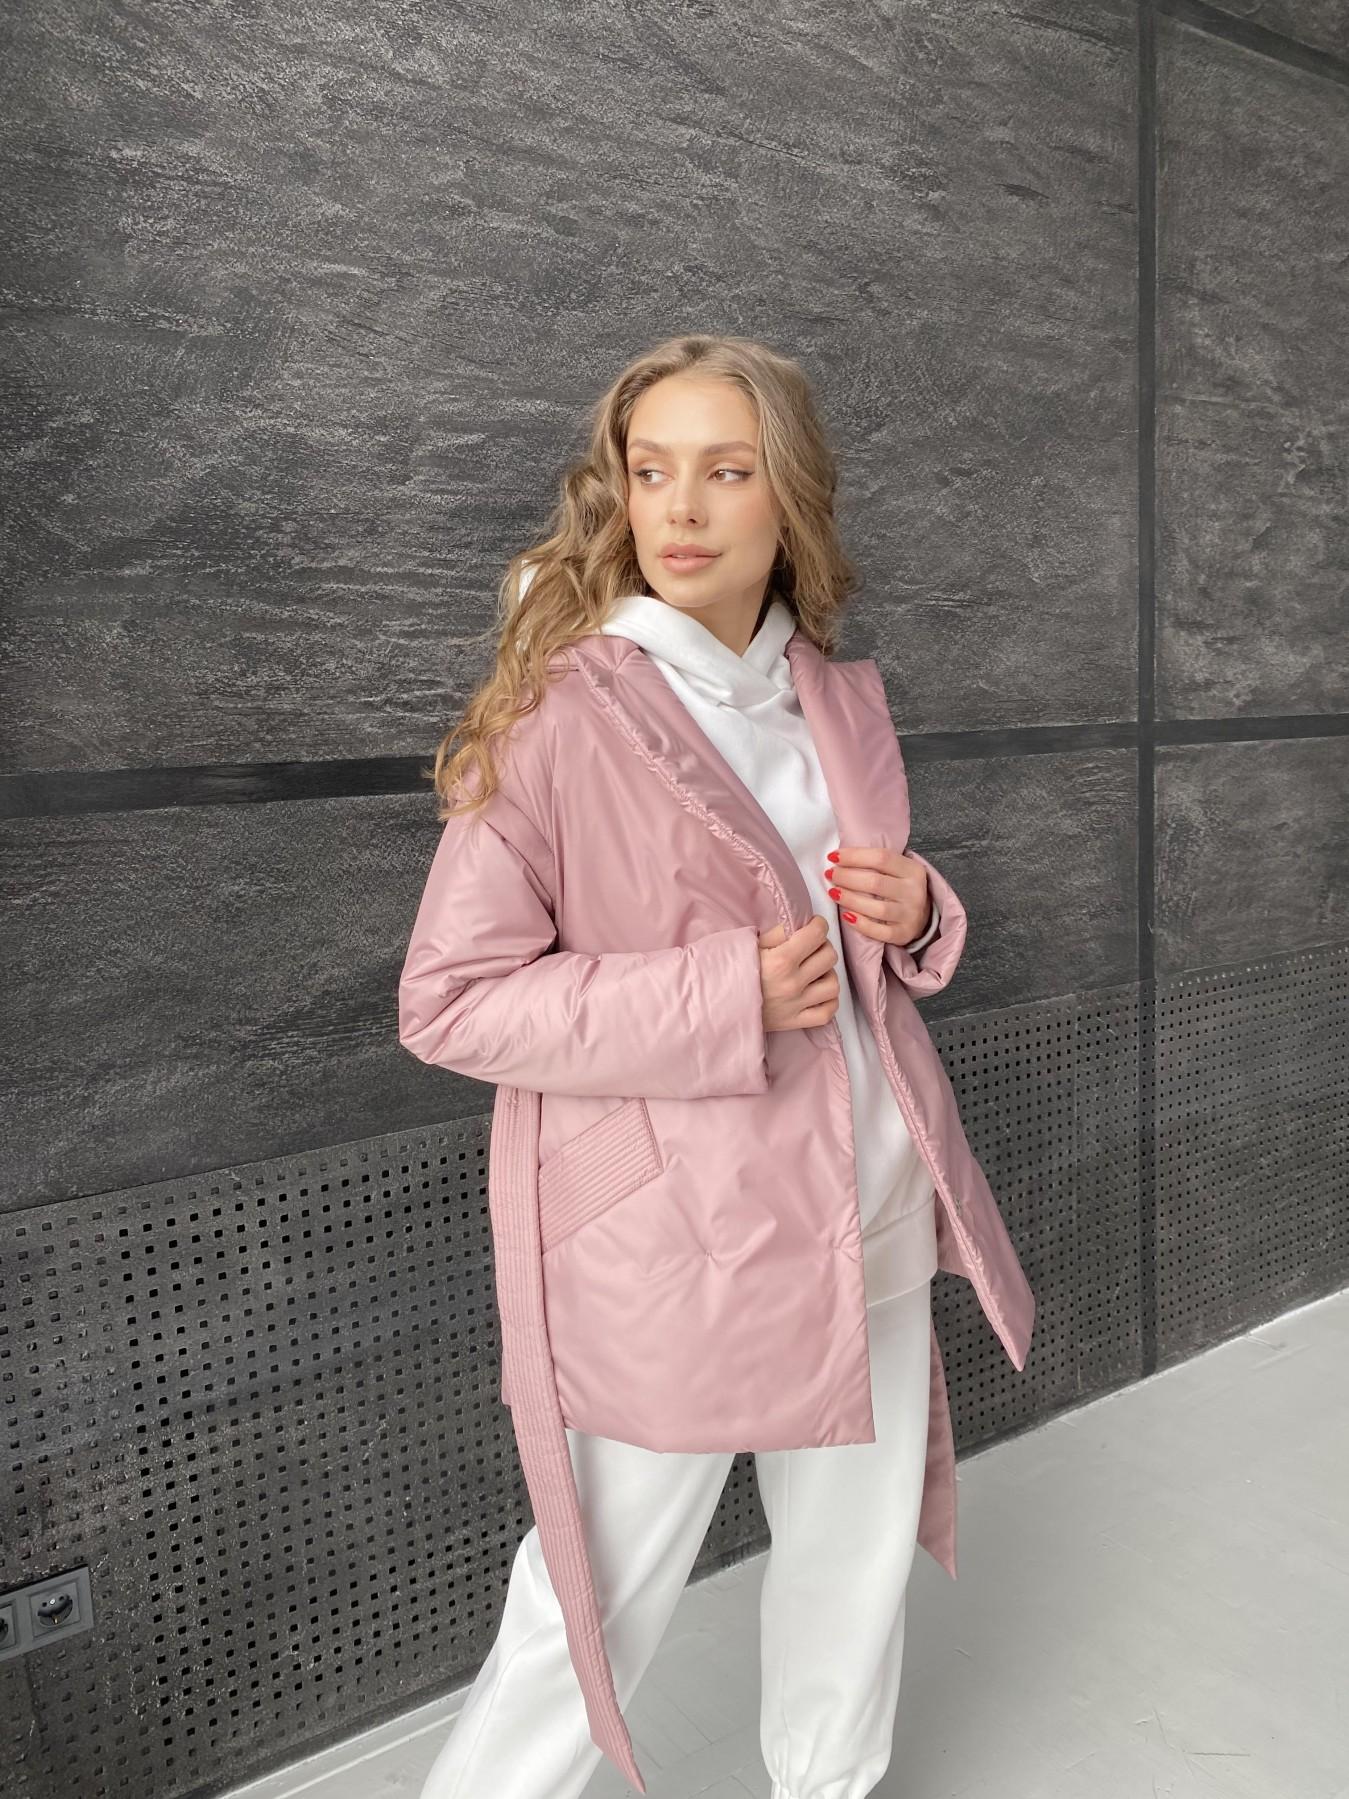 Форбс куртка из плащевой ткани 10986 АРТ. 47477 Цвет: Пудра - фото 2, интернет магазин tm-modus.ru